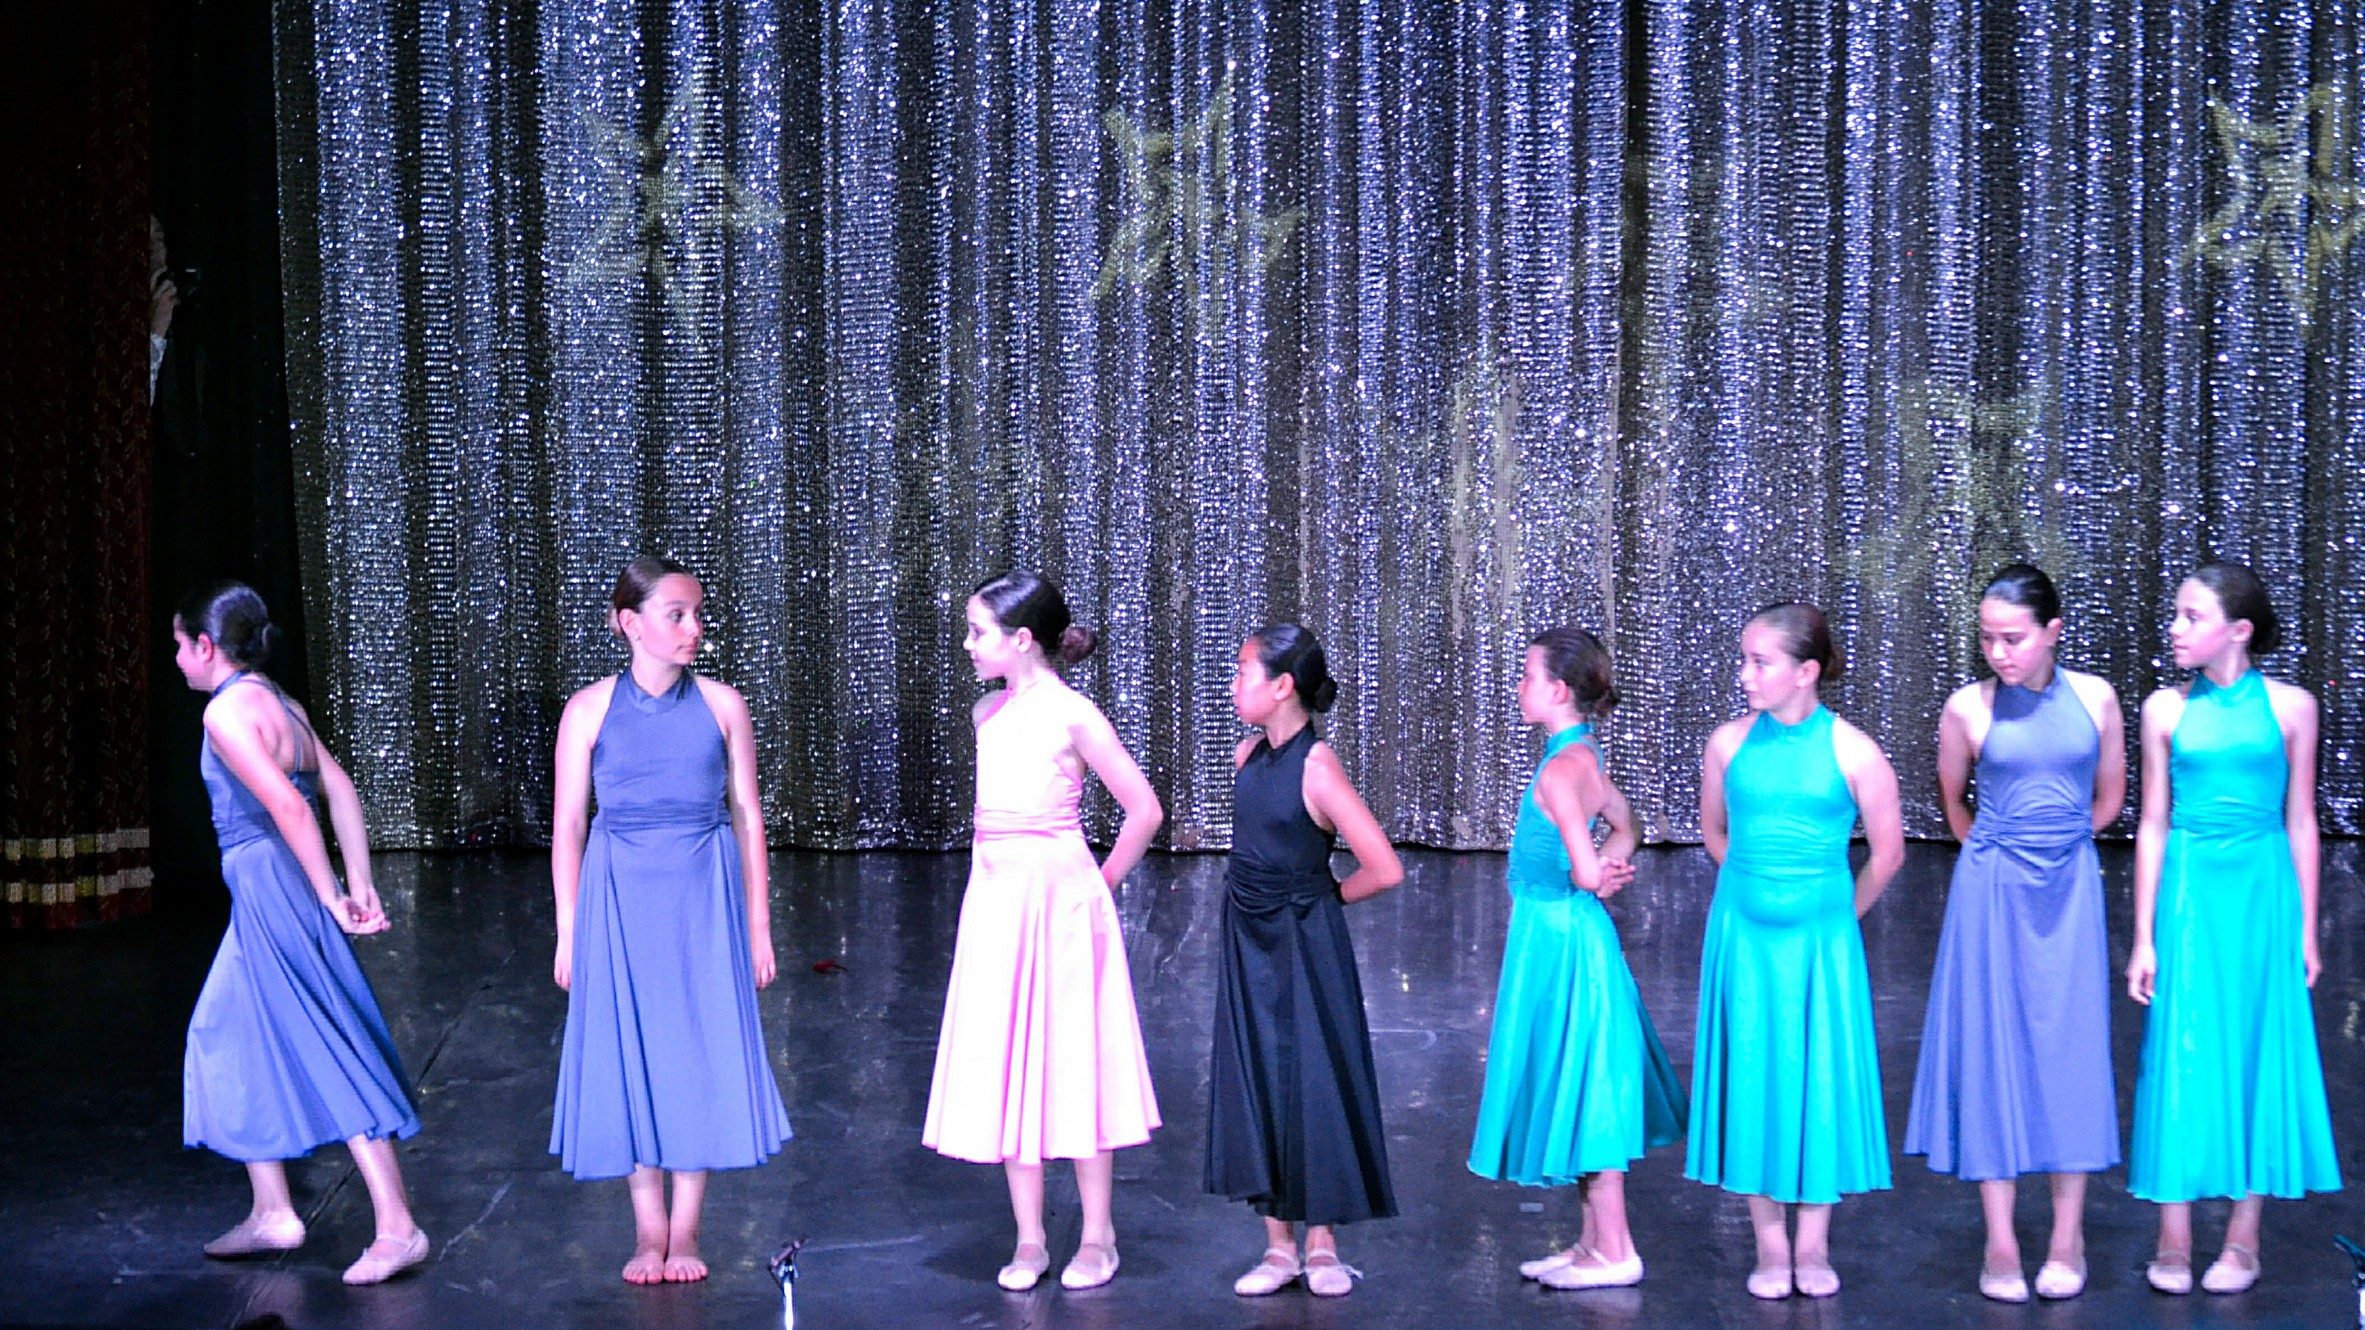 Linea-de-Baile-festival-verano-2015-clases-de-baile-valencia-31